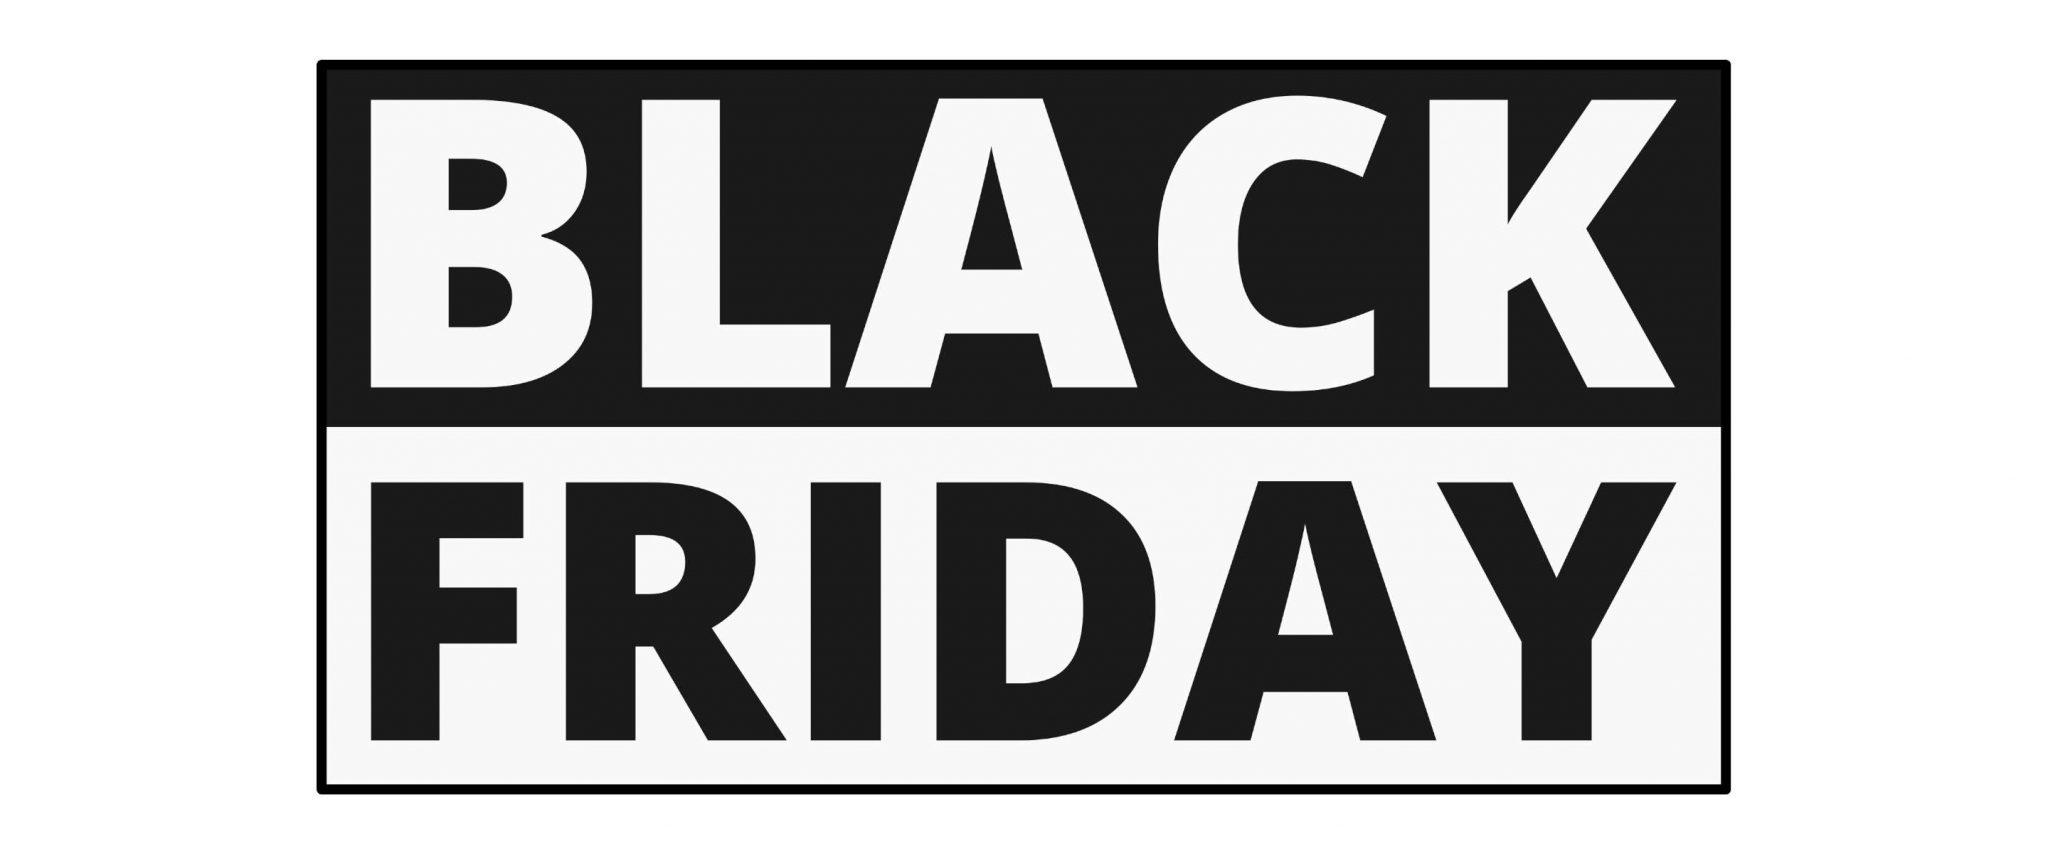 Black Friday e-commerce tips